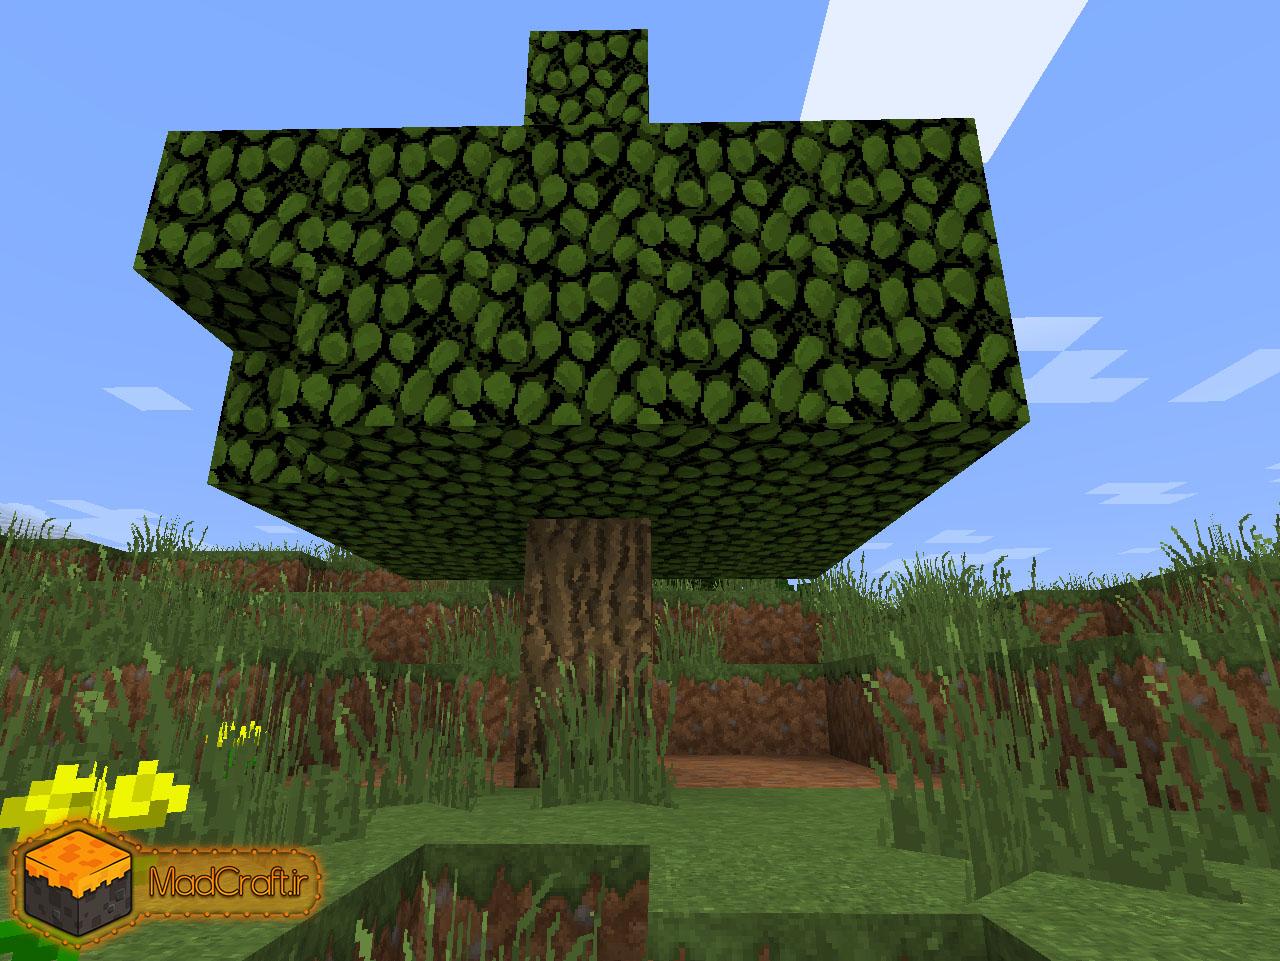 اینو ببینید (یه درخت معمولیه)